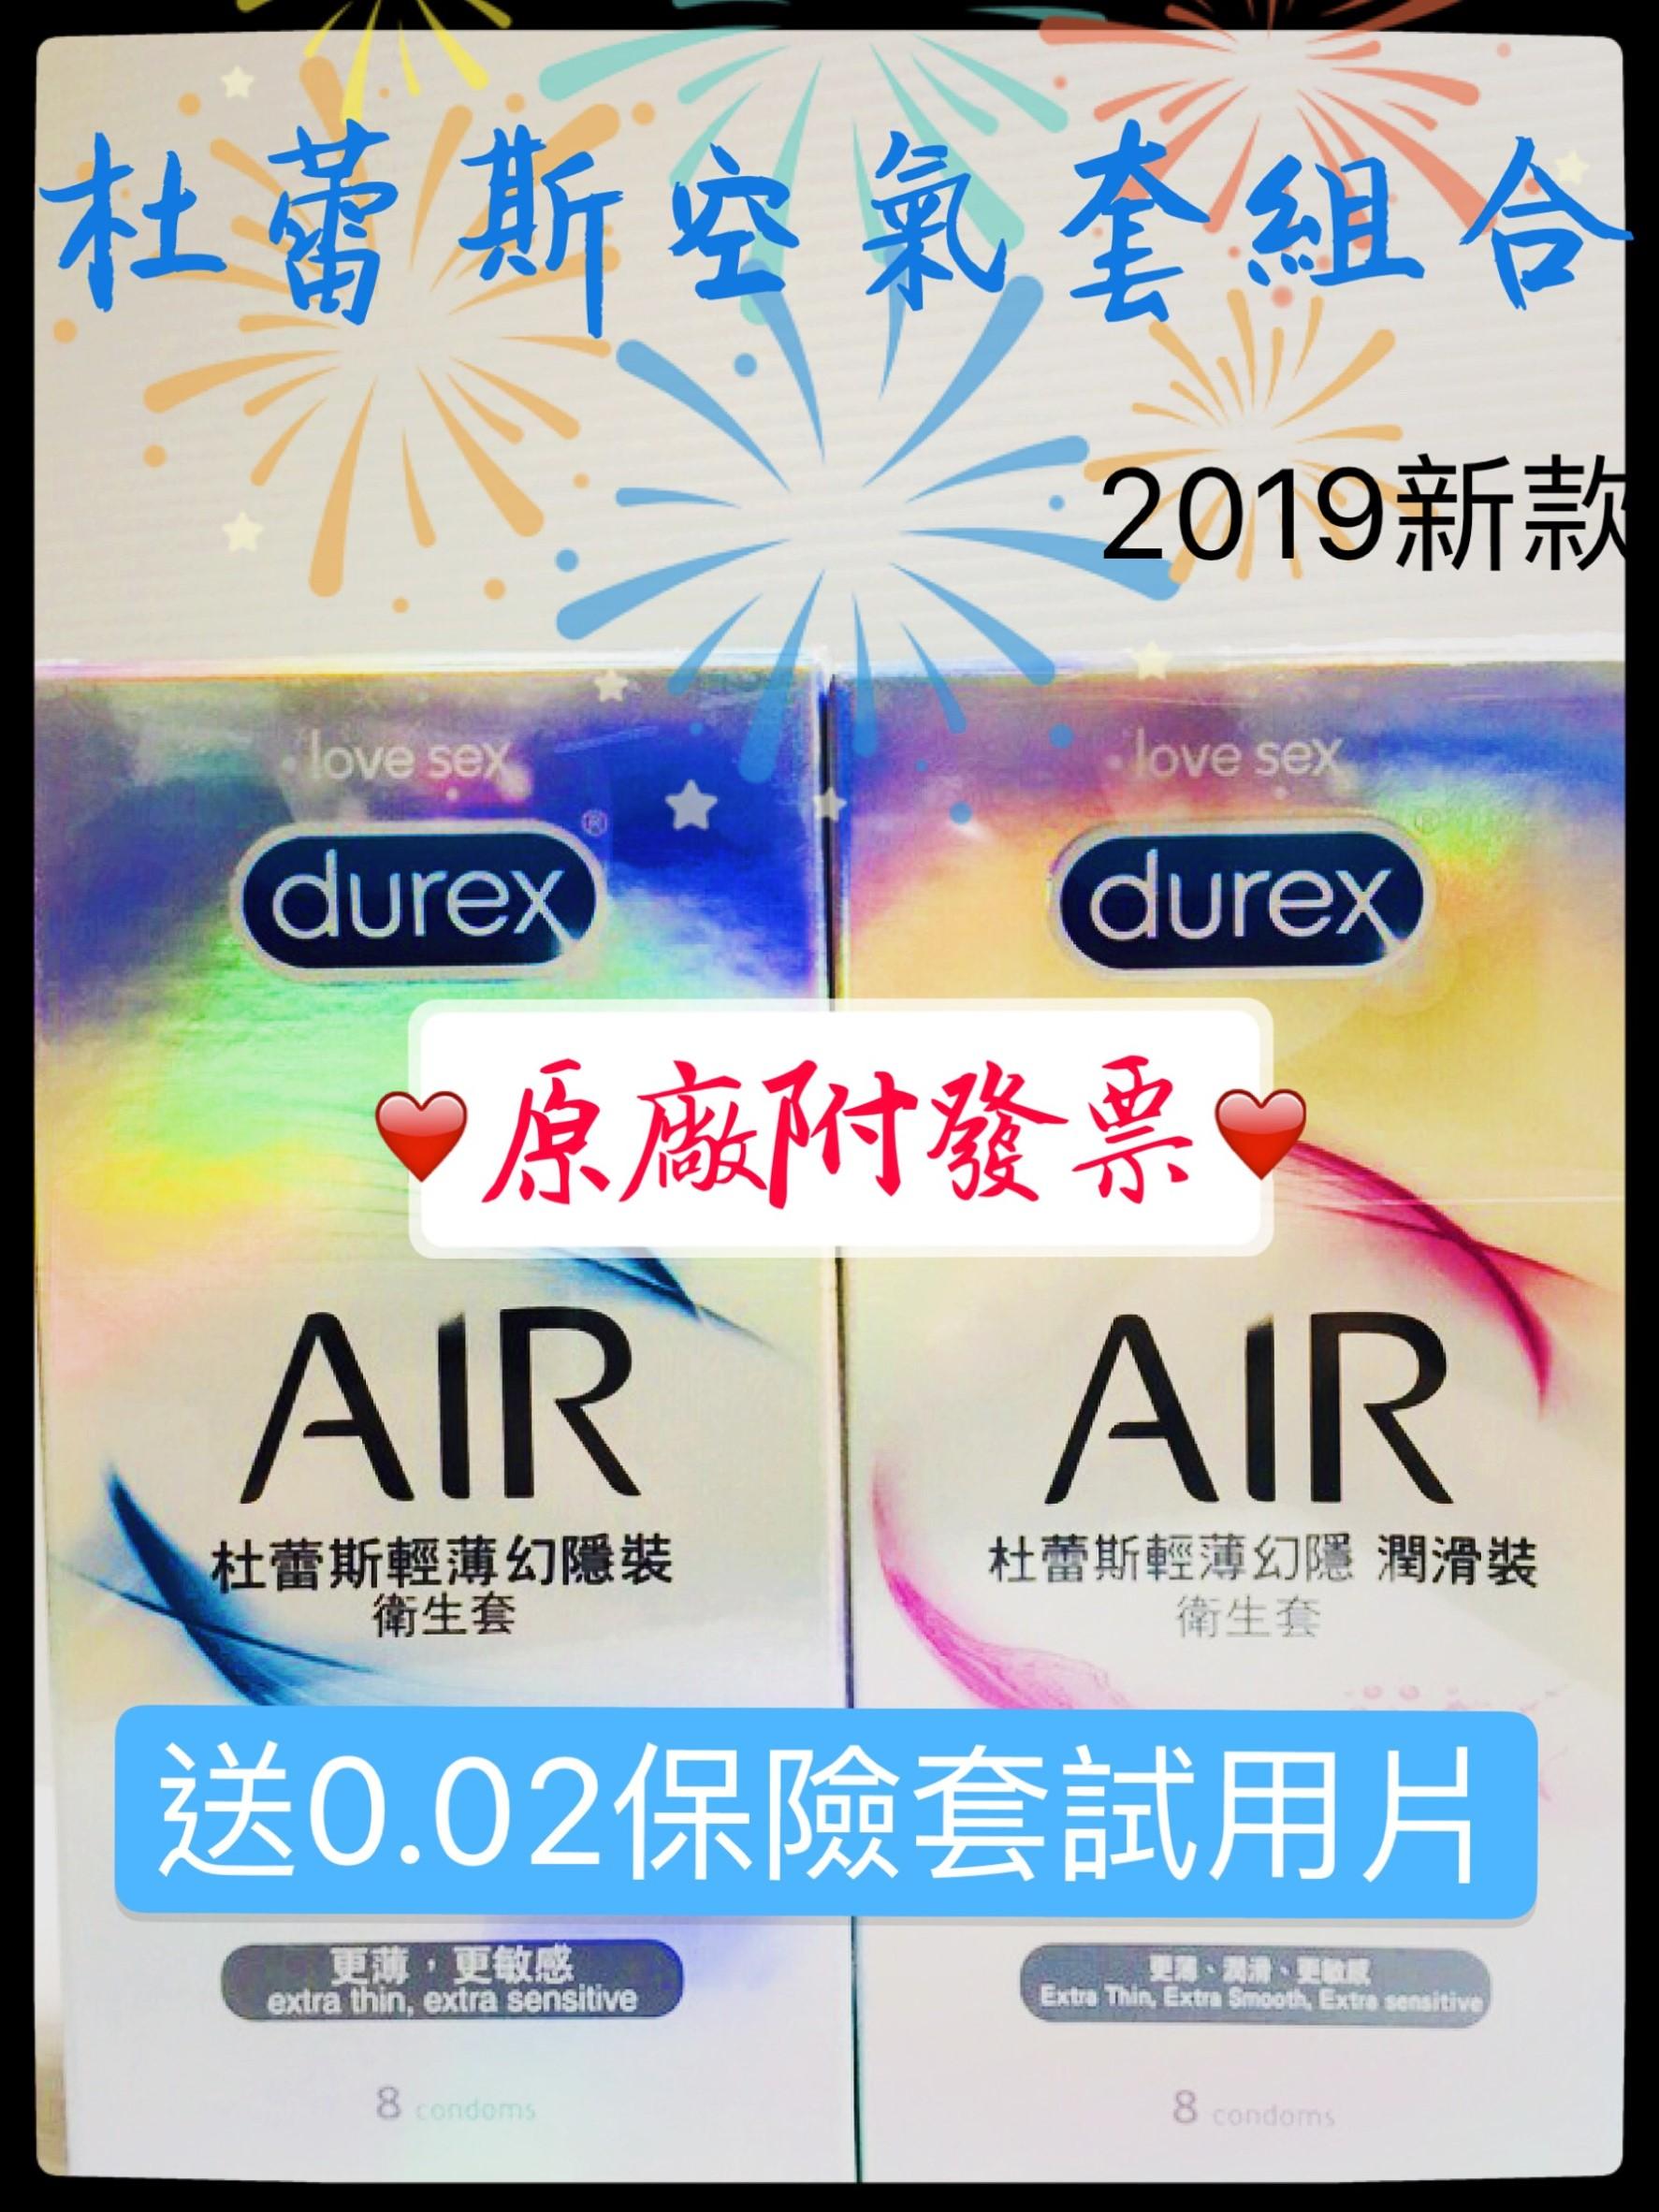 16入 組合裝 Durex 杜蕾斯保險套 AIR輕薄幻隱潤滑裝 AIR空氣套組合 新款AIR更潤滑衛生套 【MG】